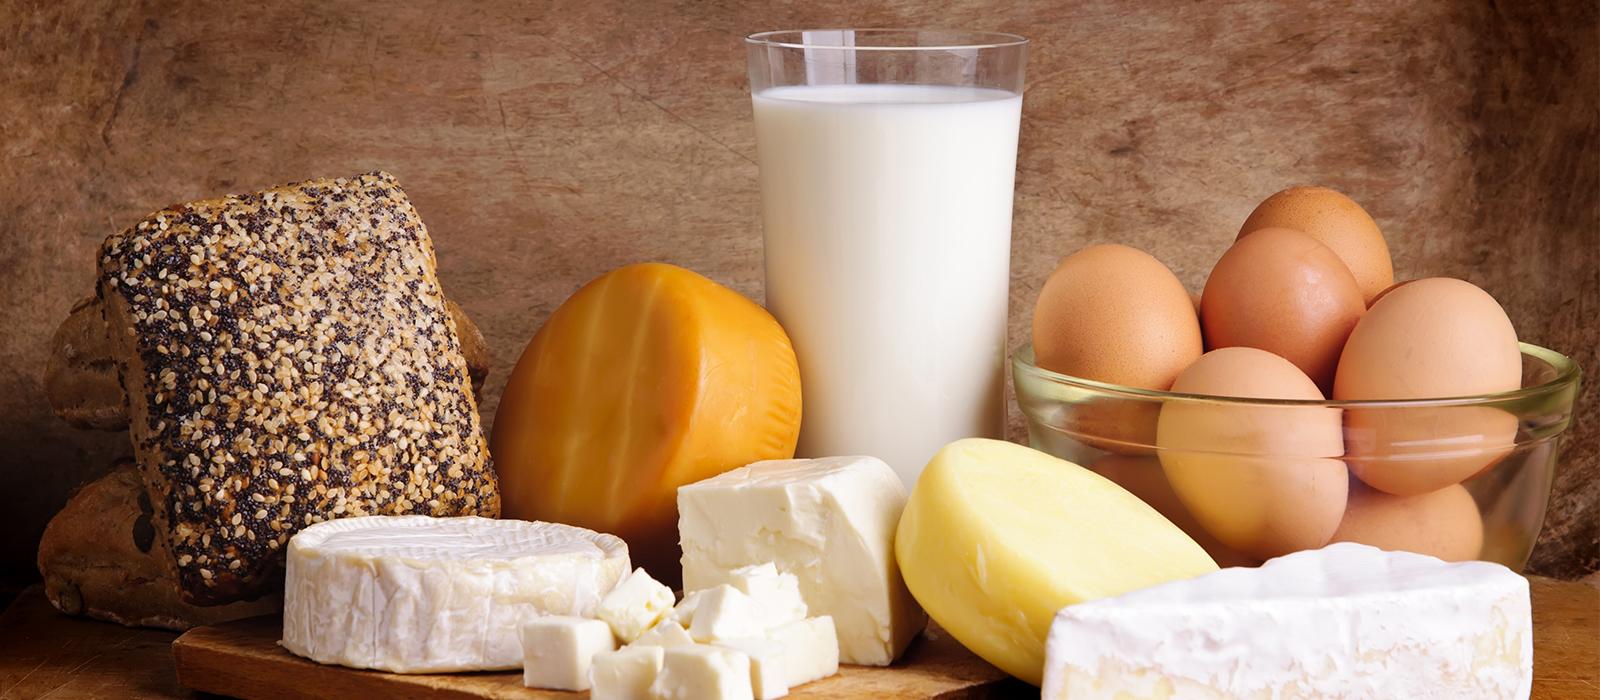 Alles über Käse Gesundheit